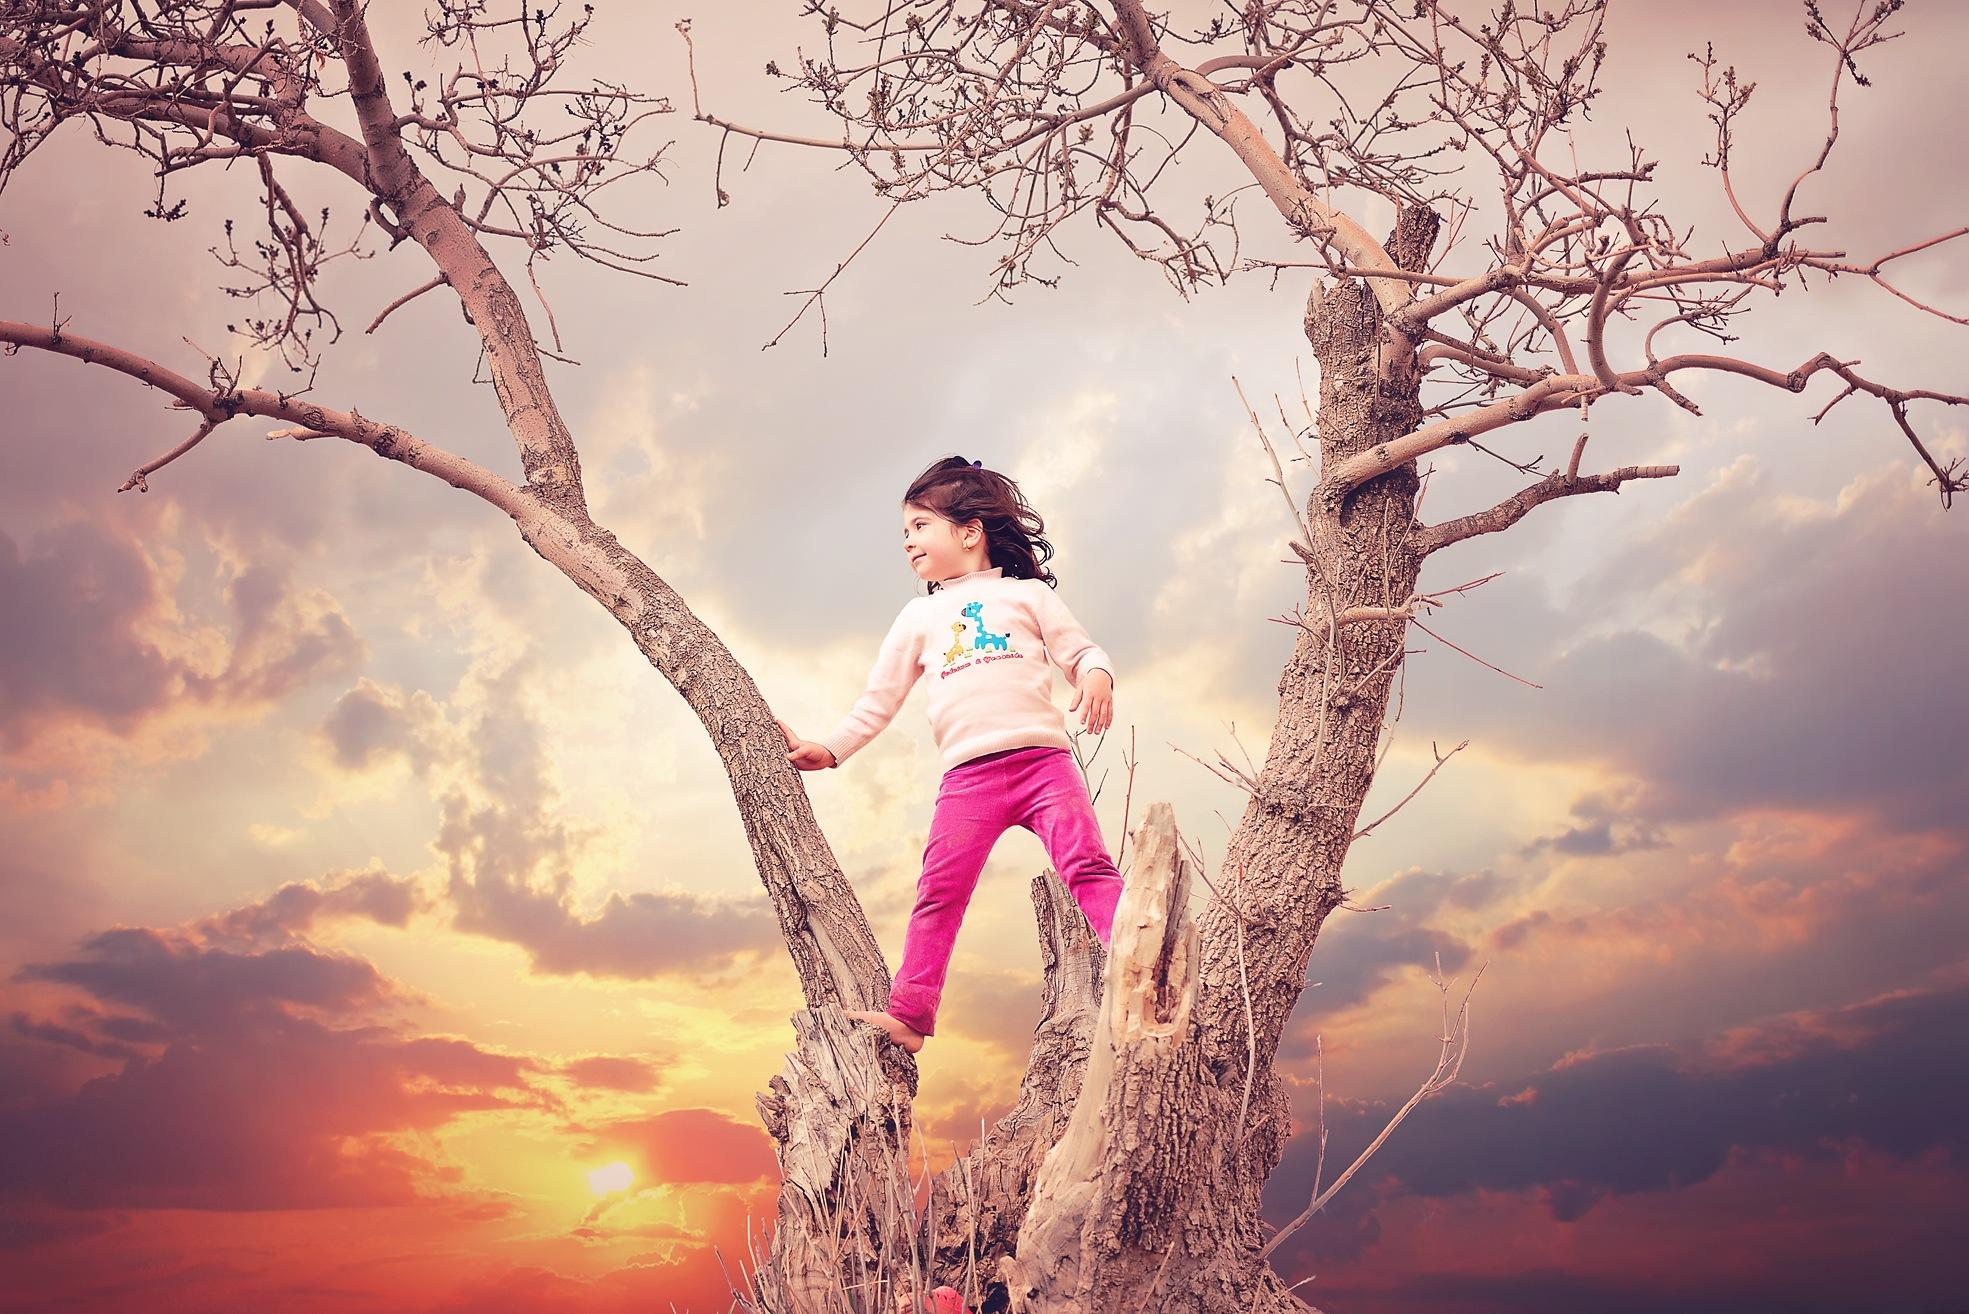 Spring Girl by Amirjabbar Jafarzadeh